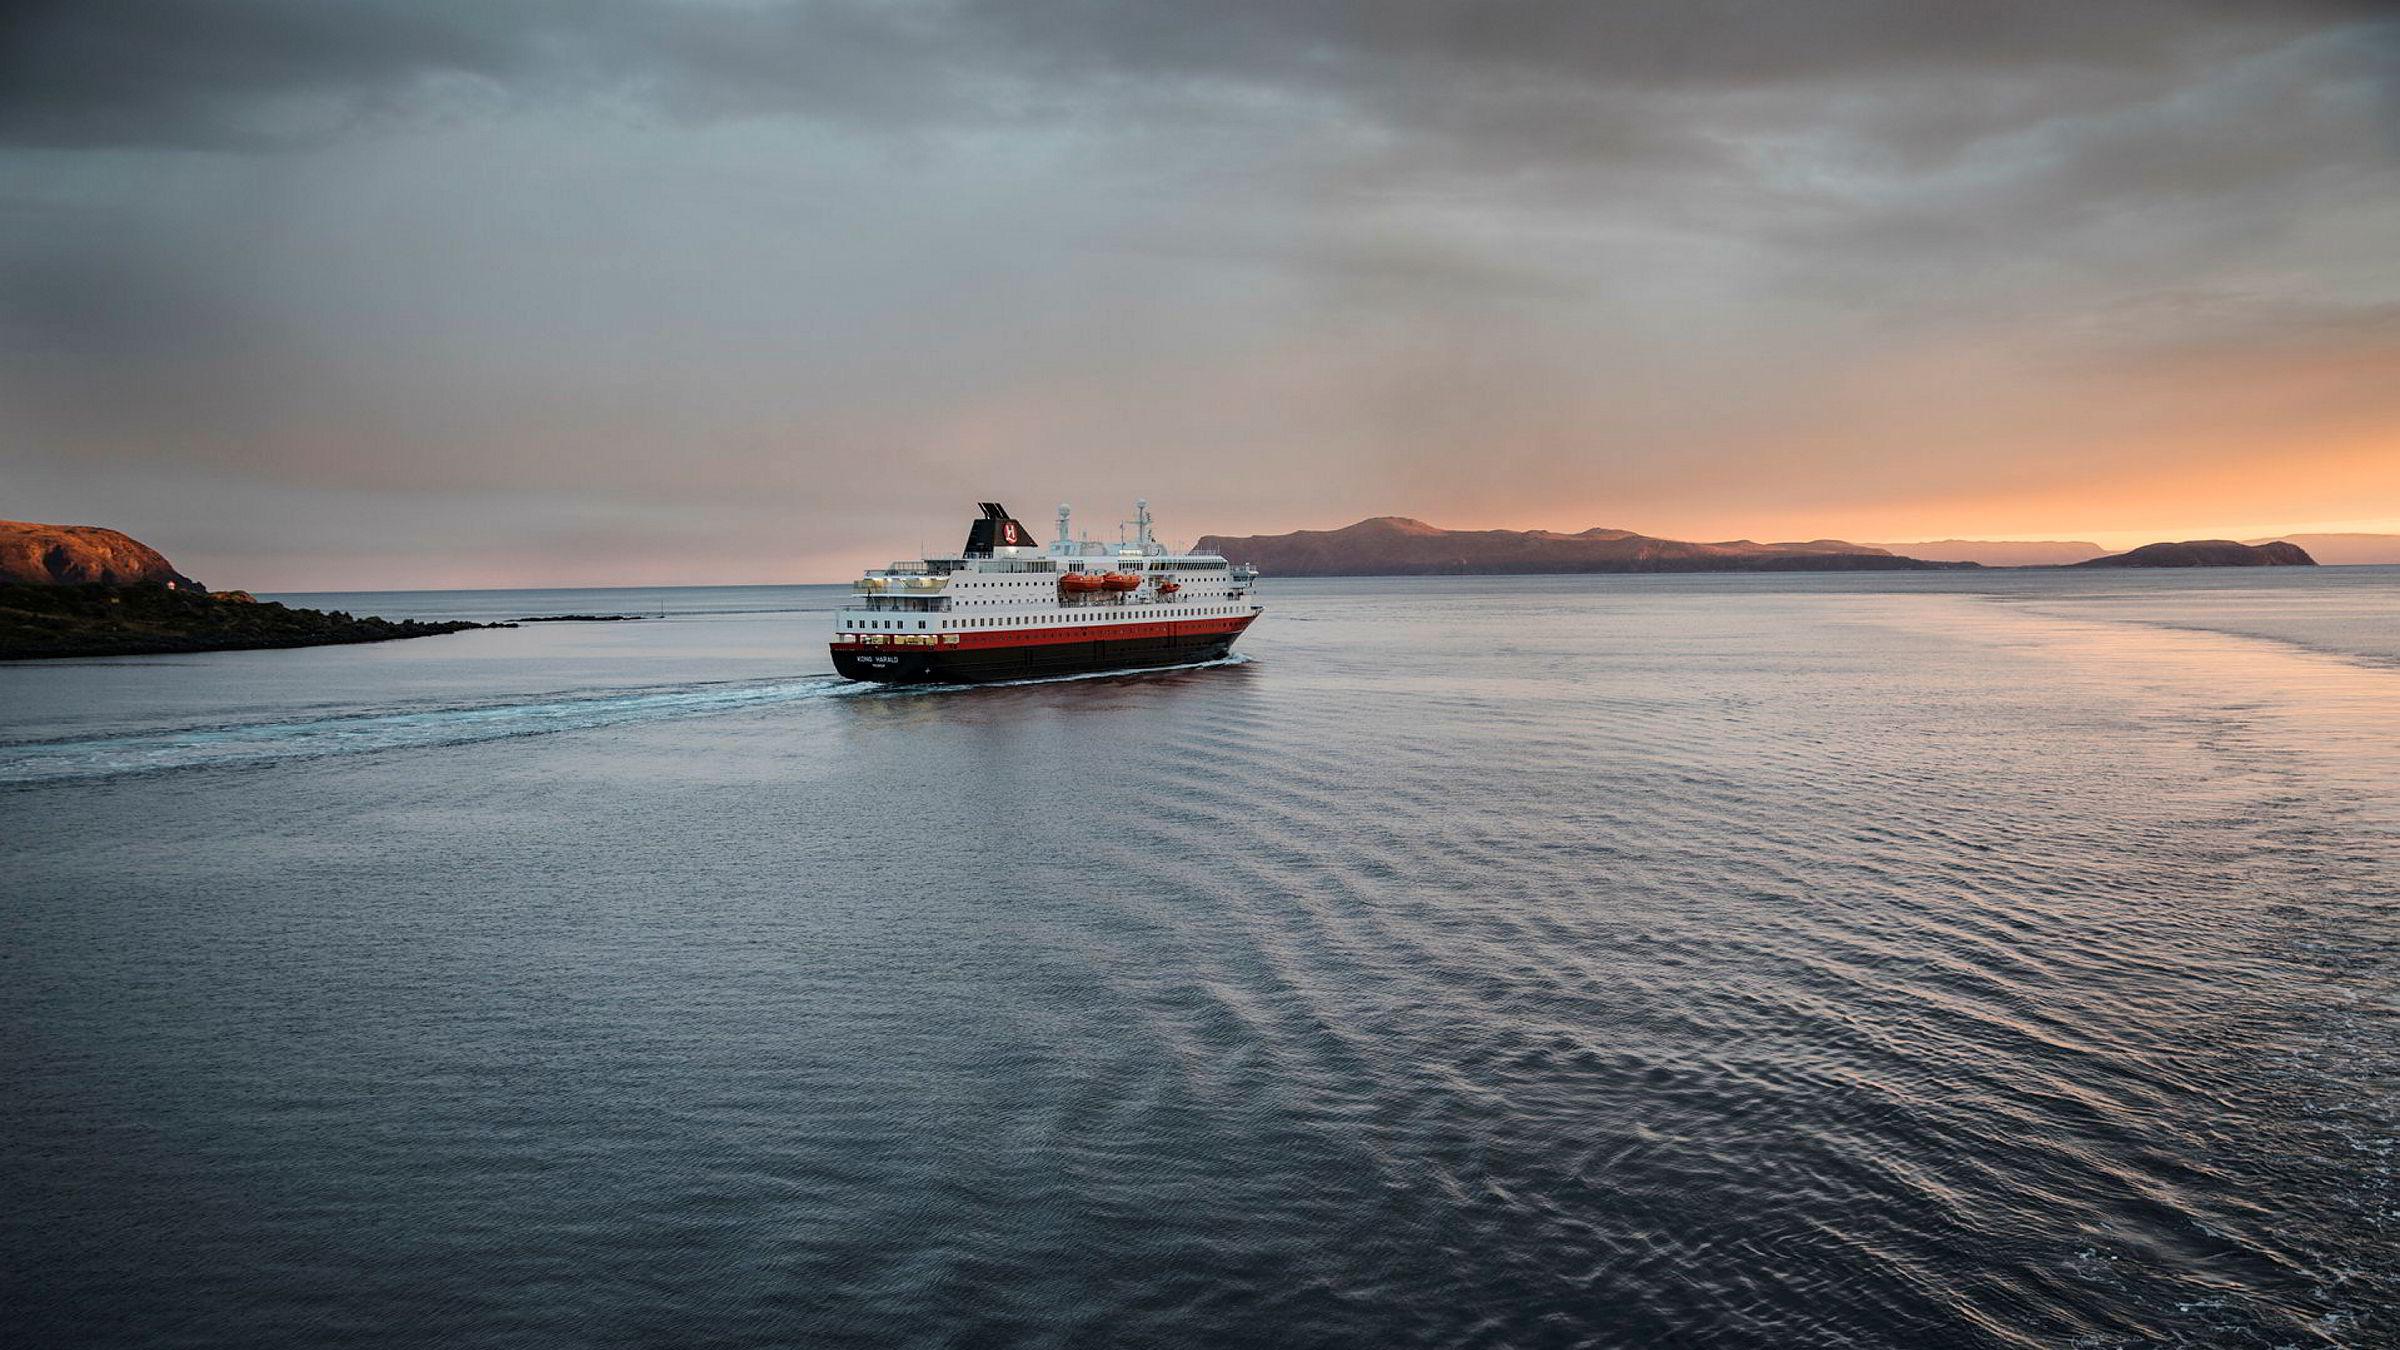 Hva slags båt med hva slags motor og miljøutslipp skal avløse denne? Zero, Bellona, politikere og maritime organisasjoner er i utakt om kystruteanbud.